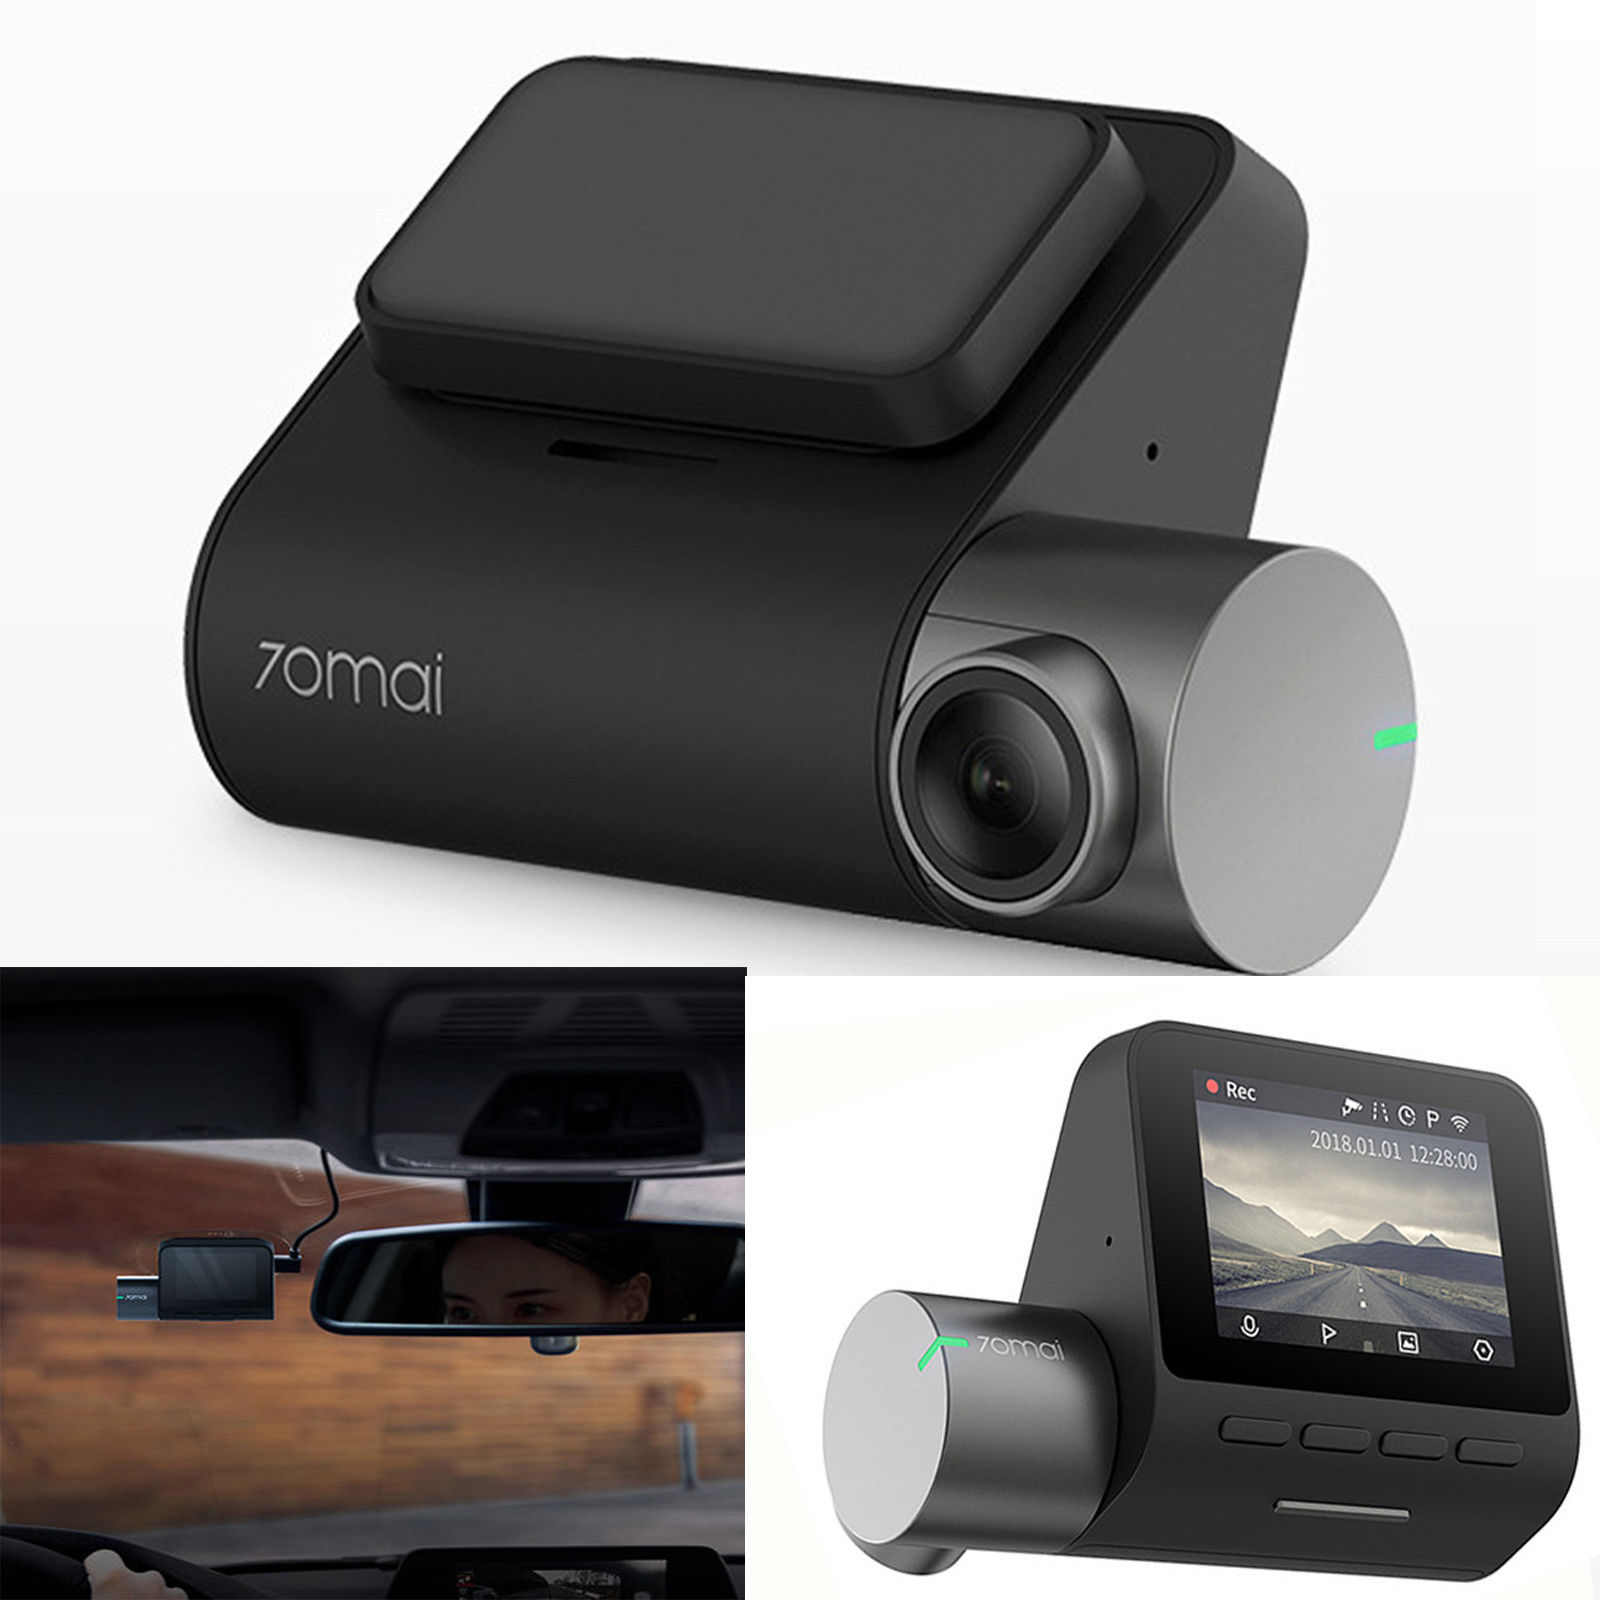 Xiaomi MIJIA 70MAI PRO cámara de salpicadero inteligente 140 grados SONY IMX335 1944P WiFi cámara de monitoreo de aparcamiento grabadora de conducción